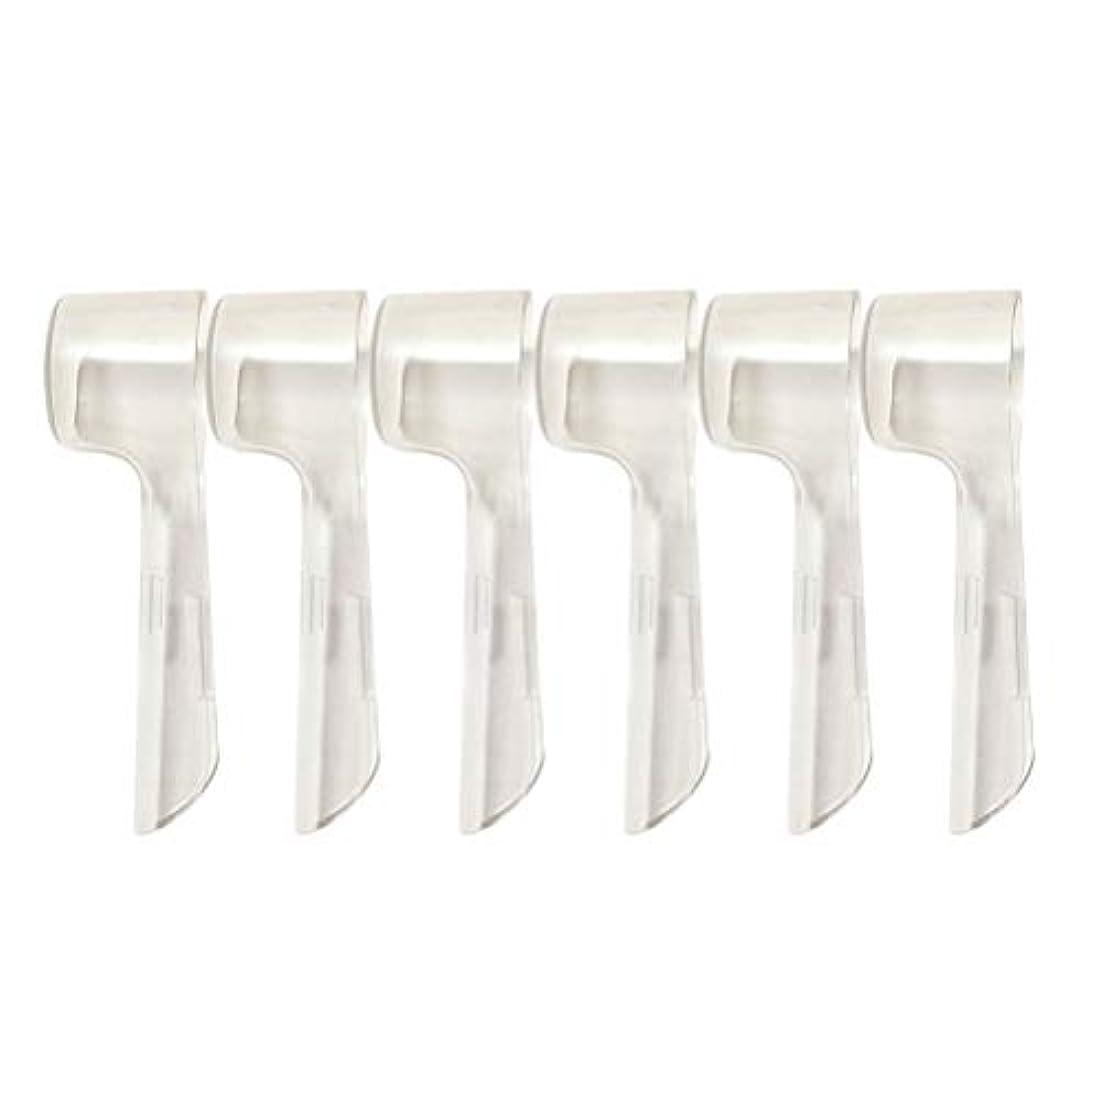 かき混ぜる見込み奇跡的なHealifty 10本の歯ブラシカバー電動歯ブラシは旅行やその他の衛生に便利です。